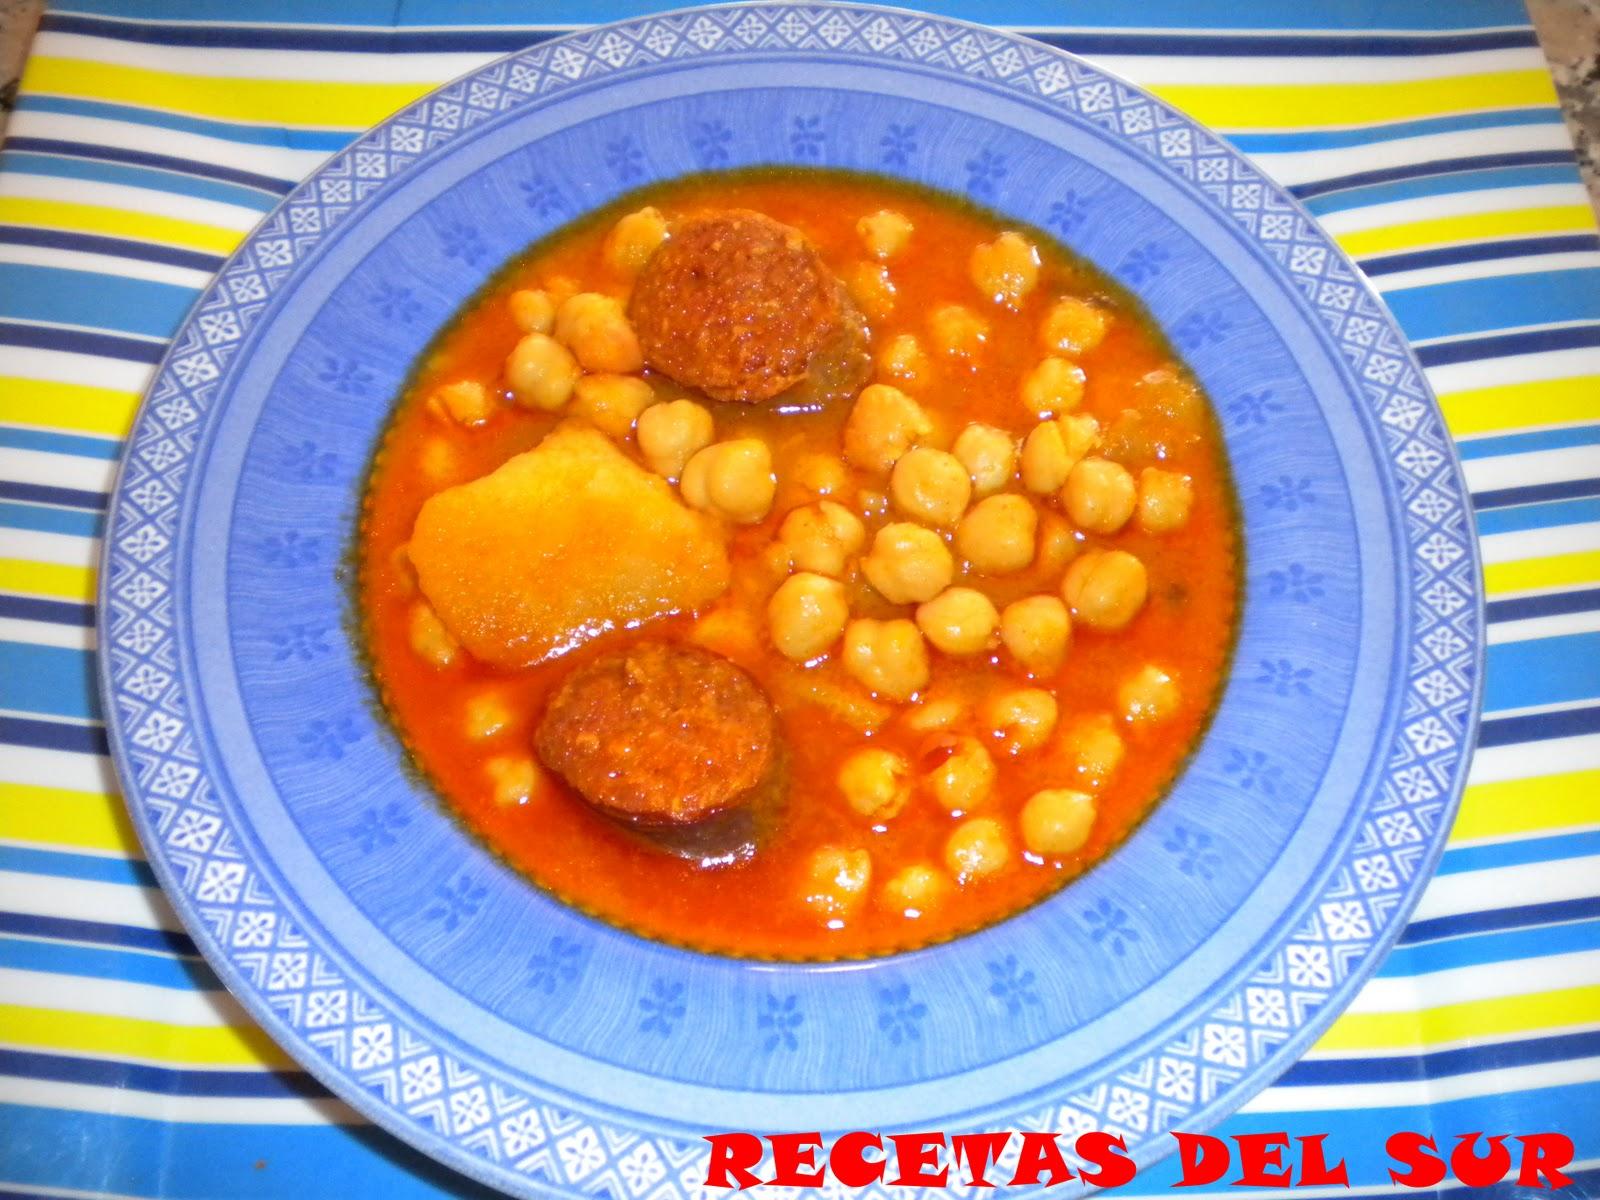 Recetas del sur potaje de garbanzos con chorizo - Potaje de garbanzos y judias ...